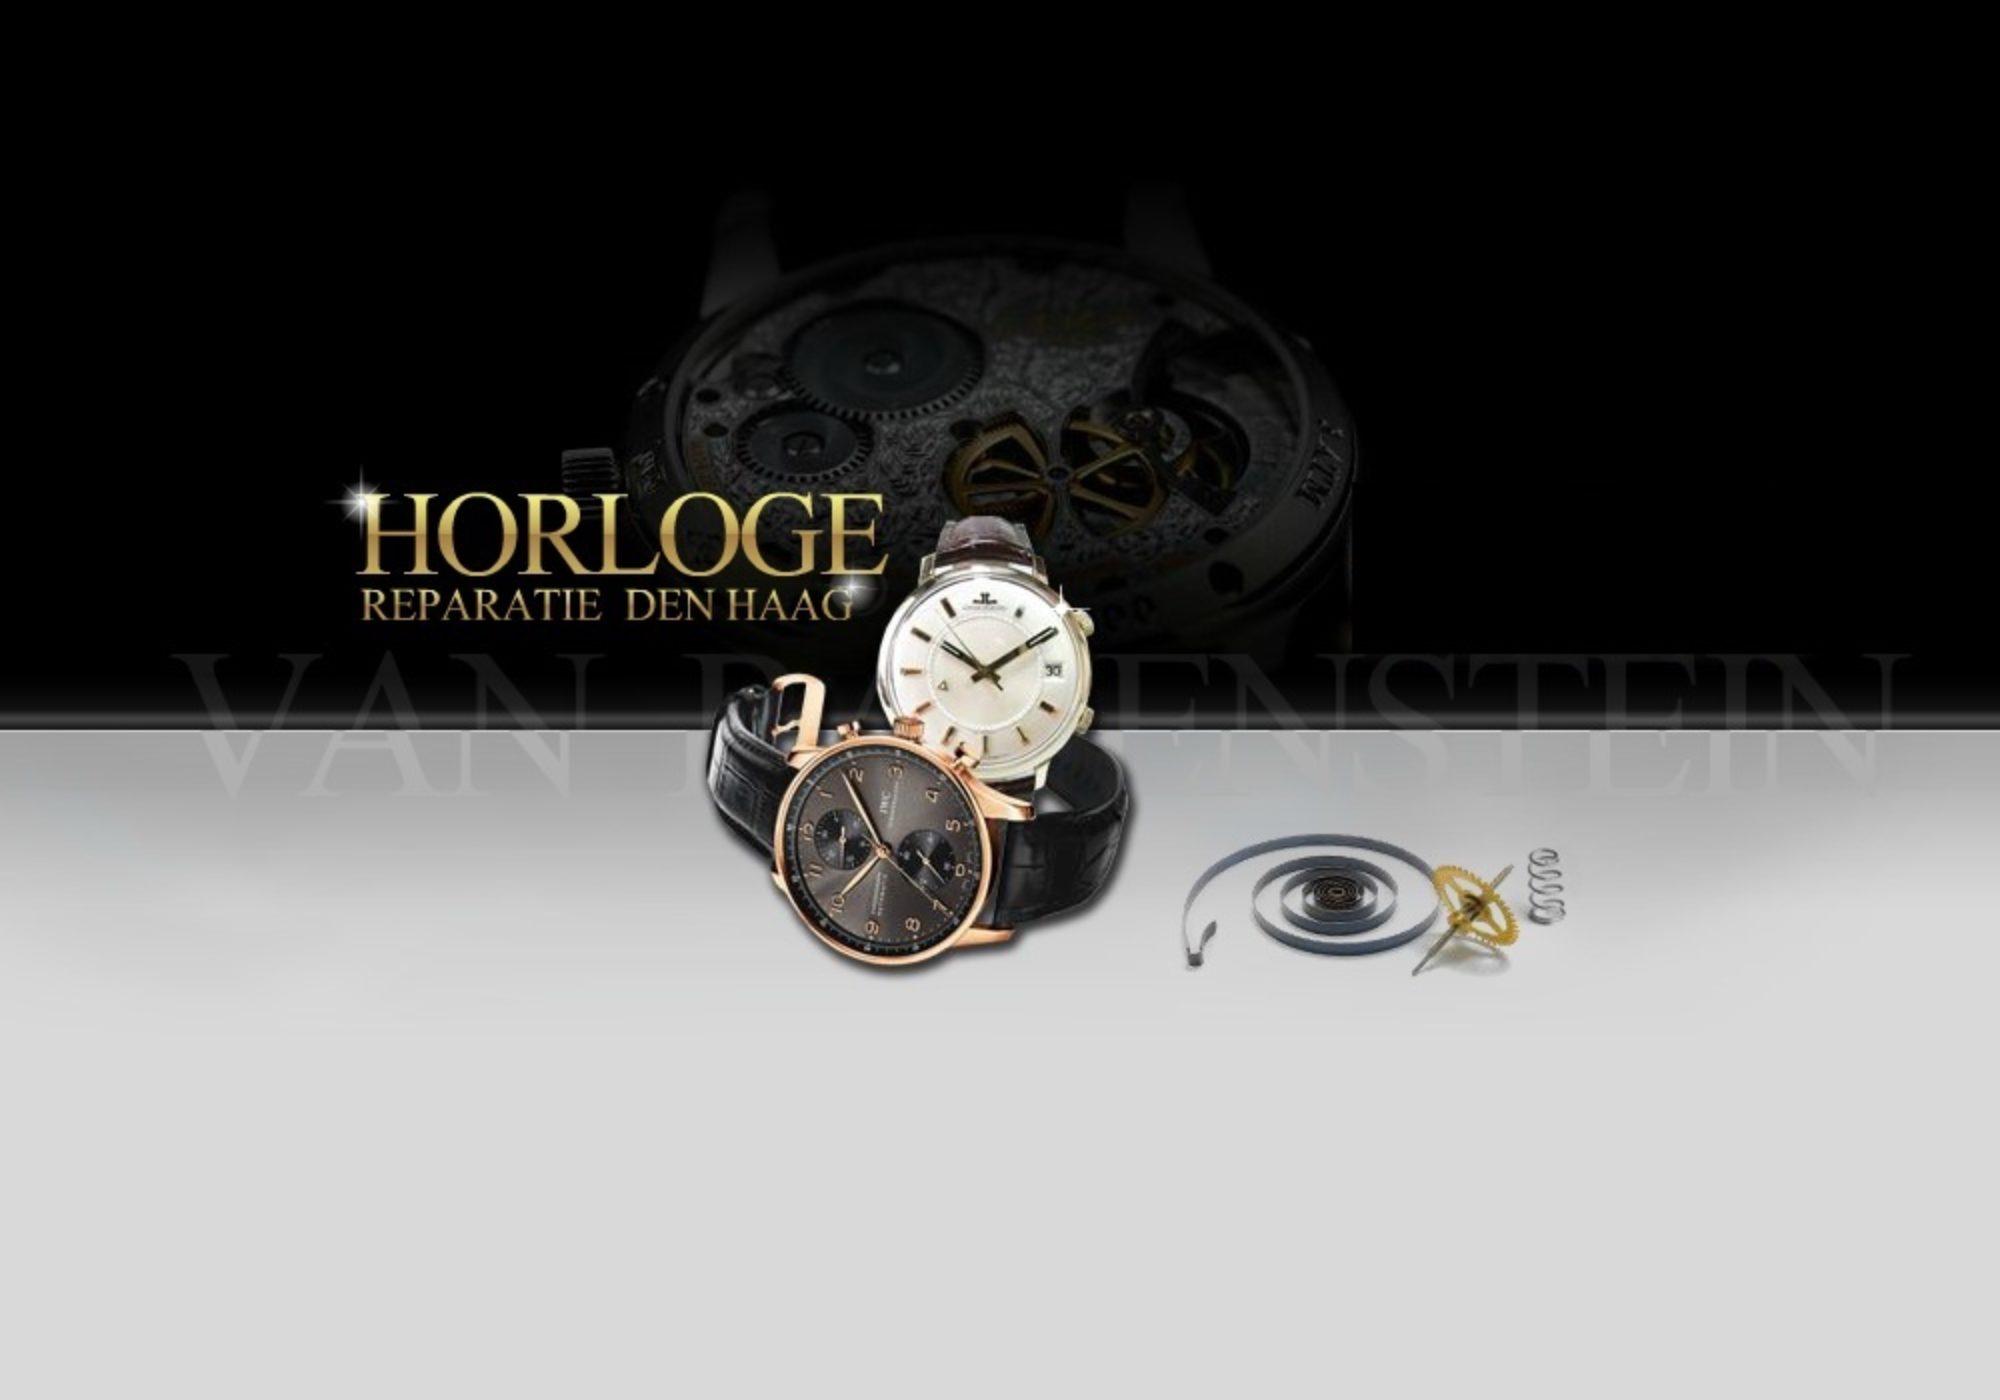 Horloge Reparatie Den Haag